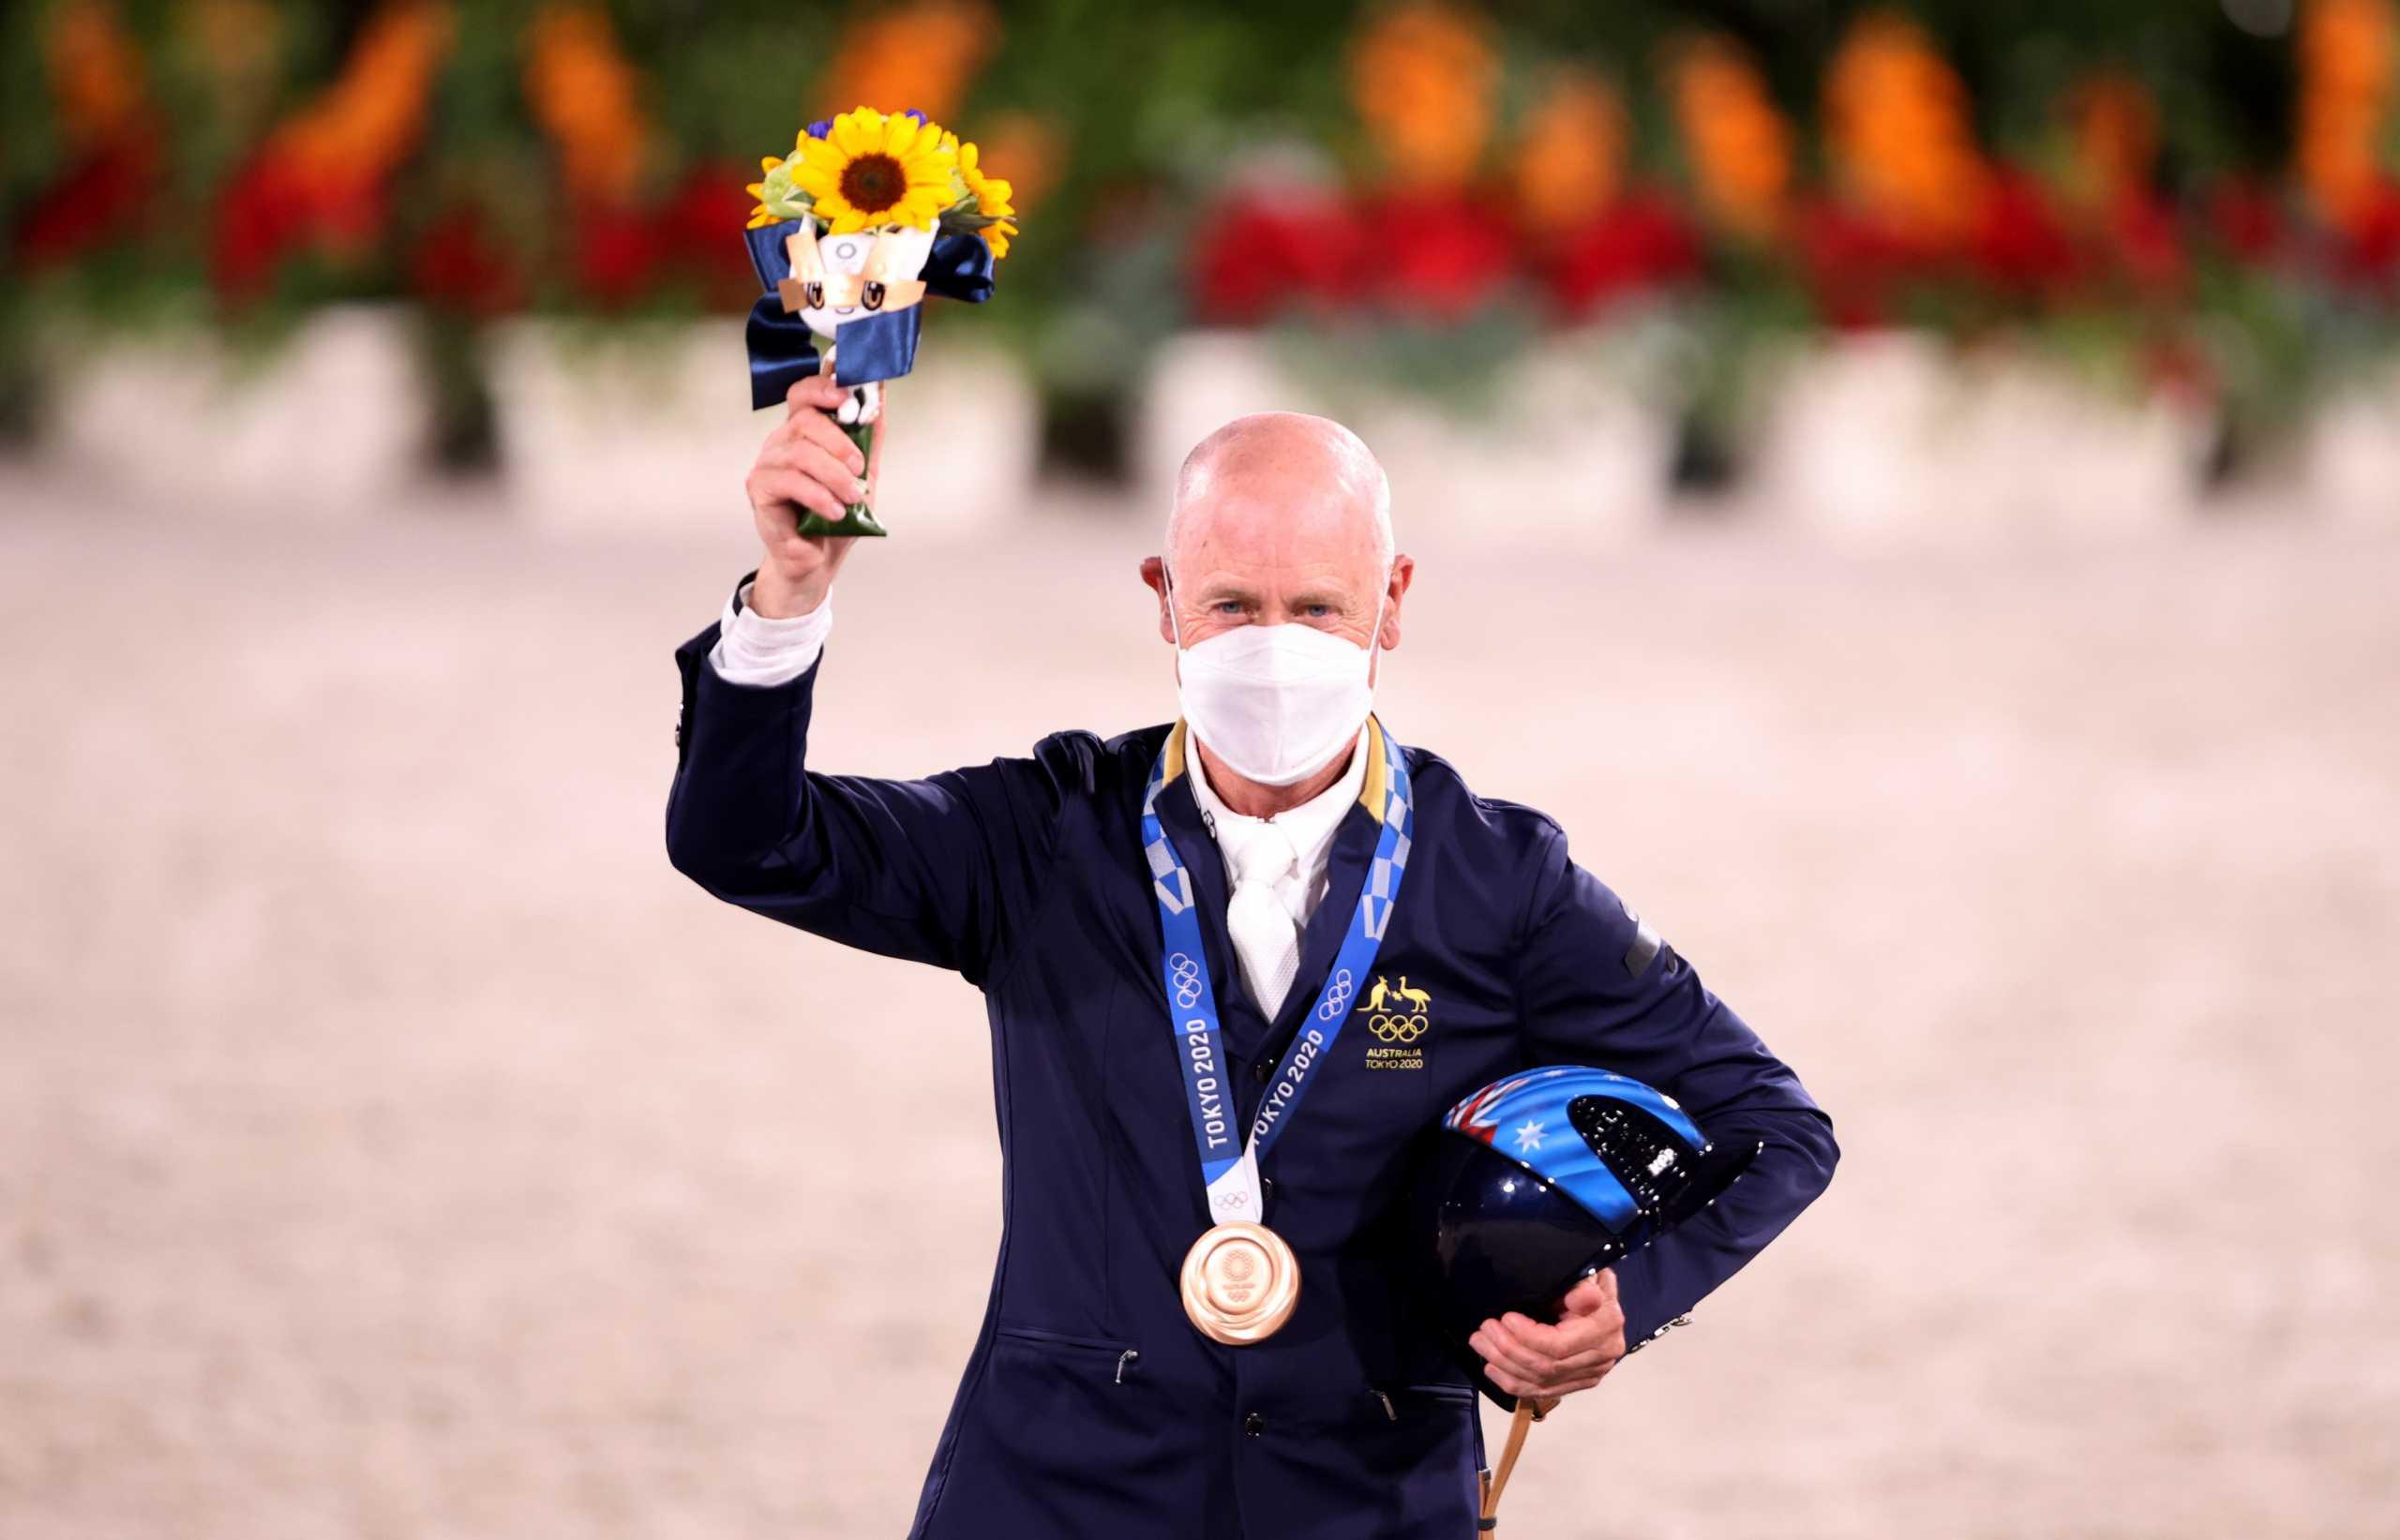 Ολυμπιακοί Αγώνες: Άντριου Χόι, ολυμπιονίκης 62 ετών